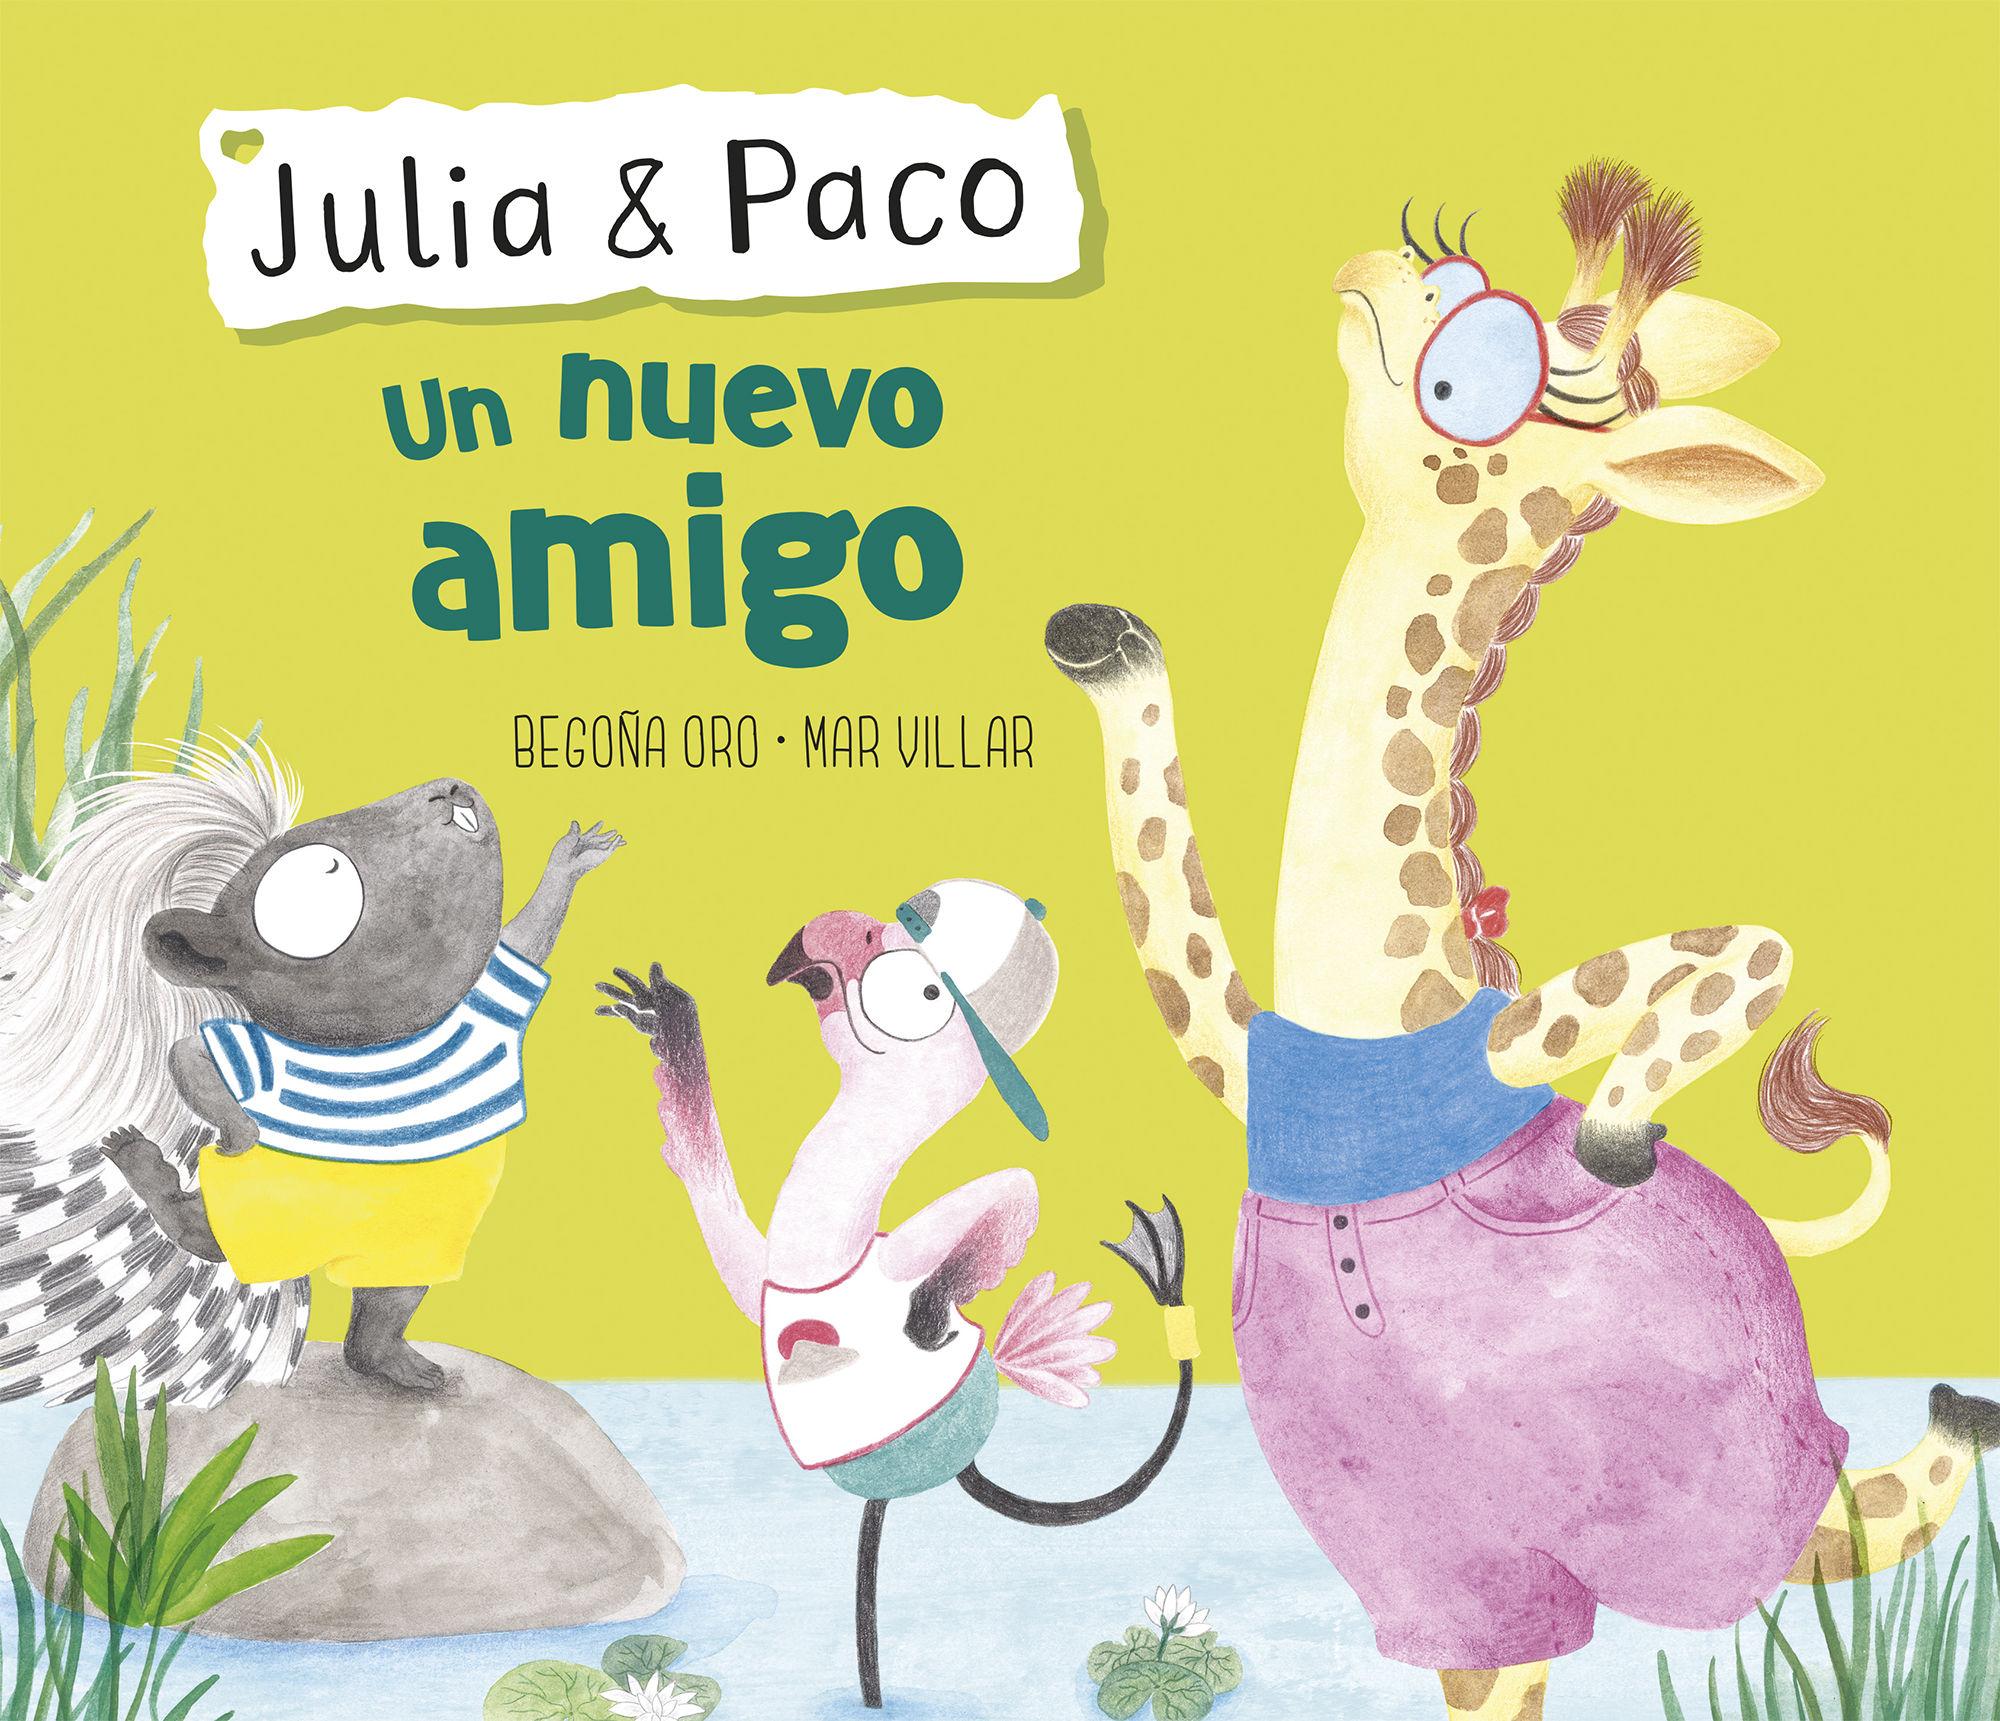 UN NUEVO AMIGO JULIA & PACO